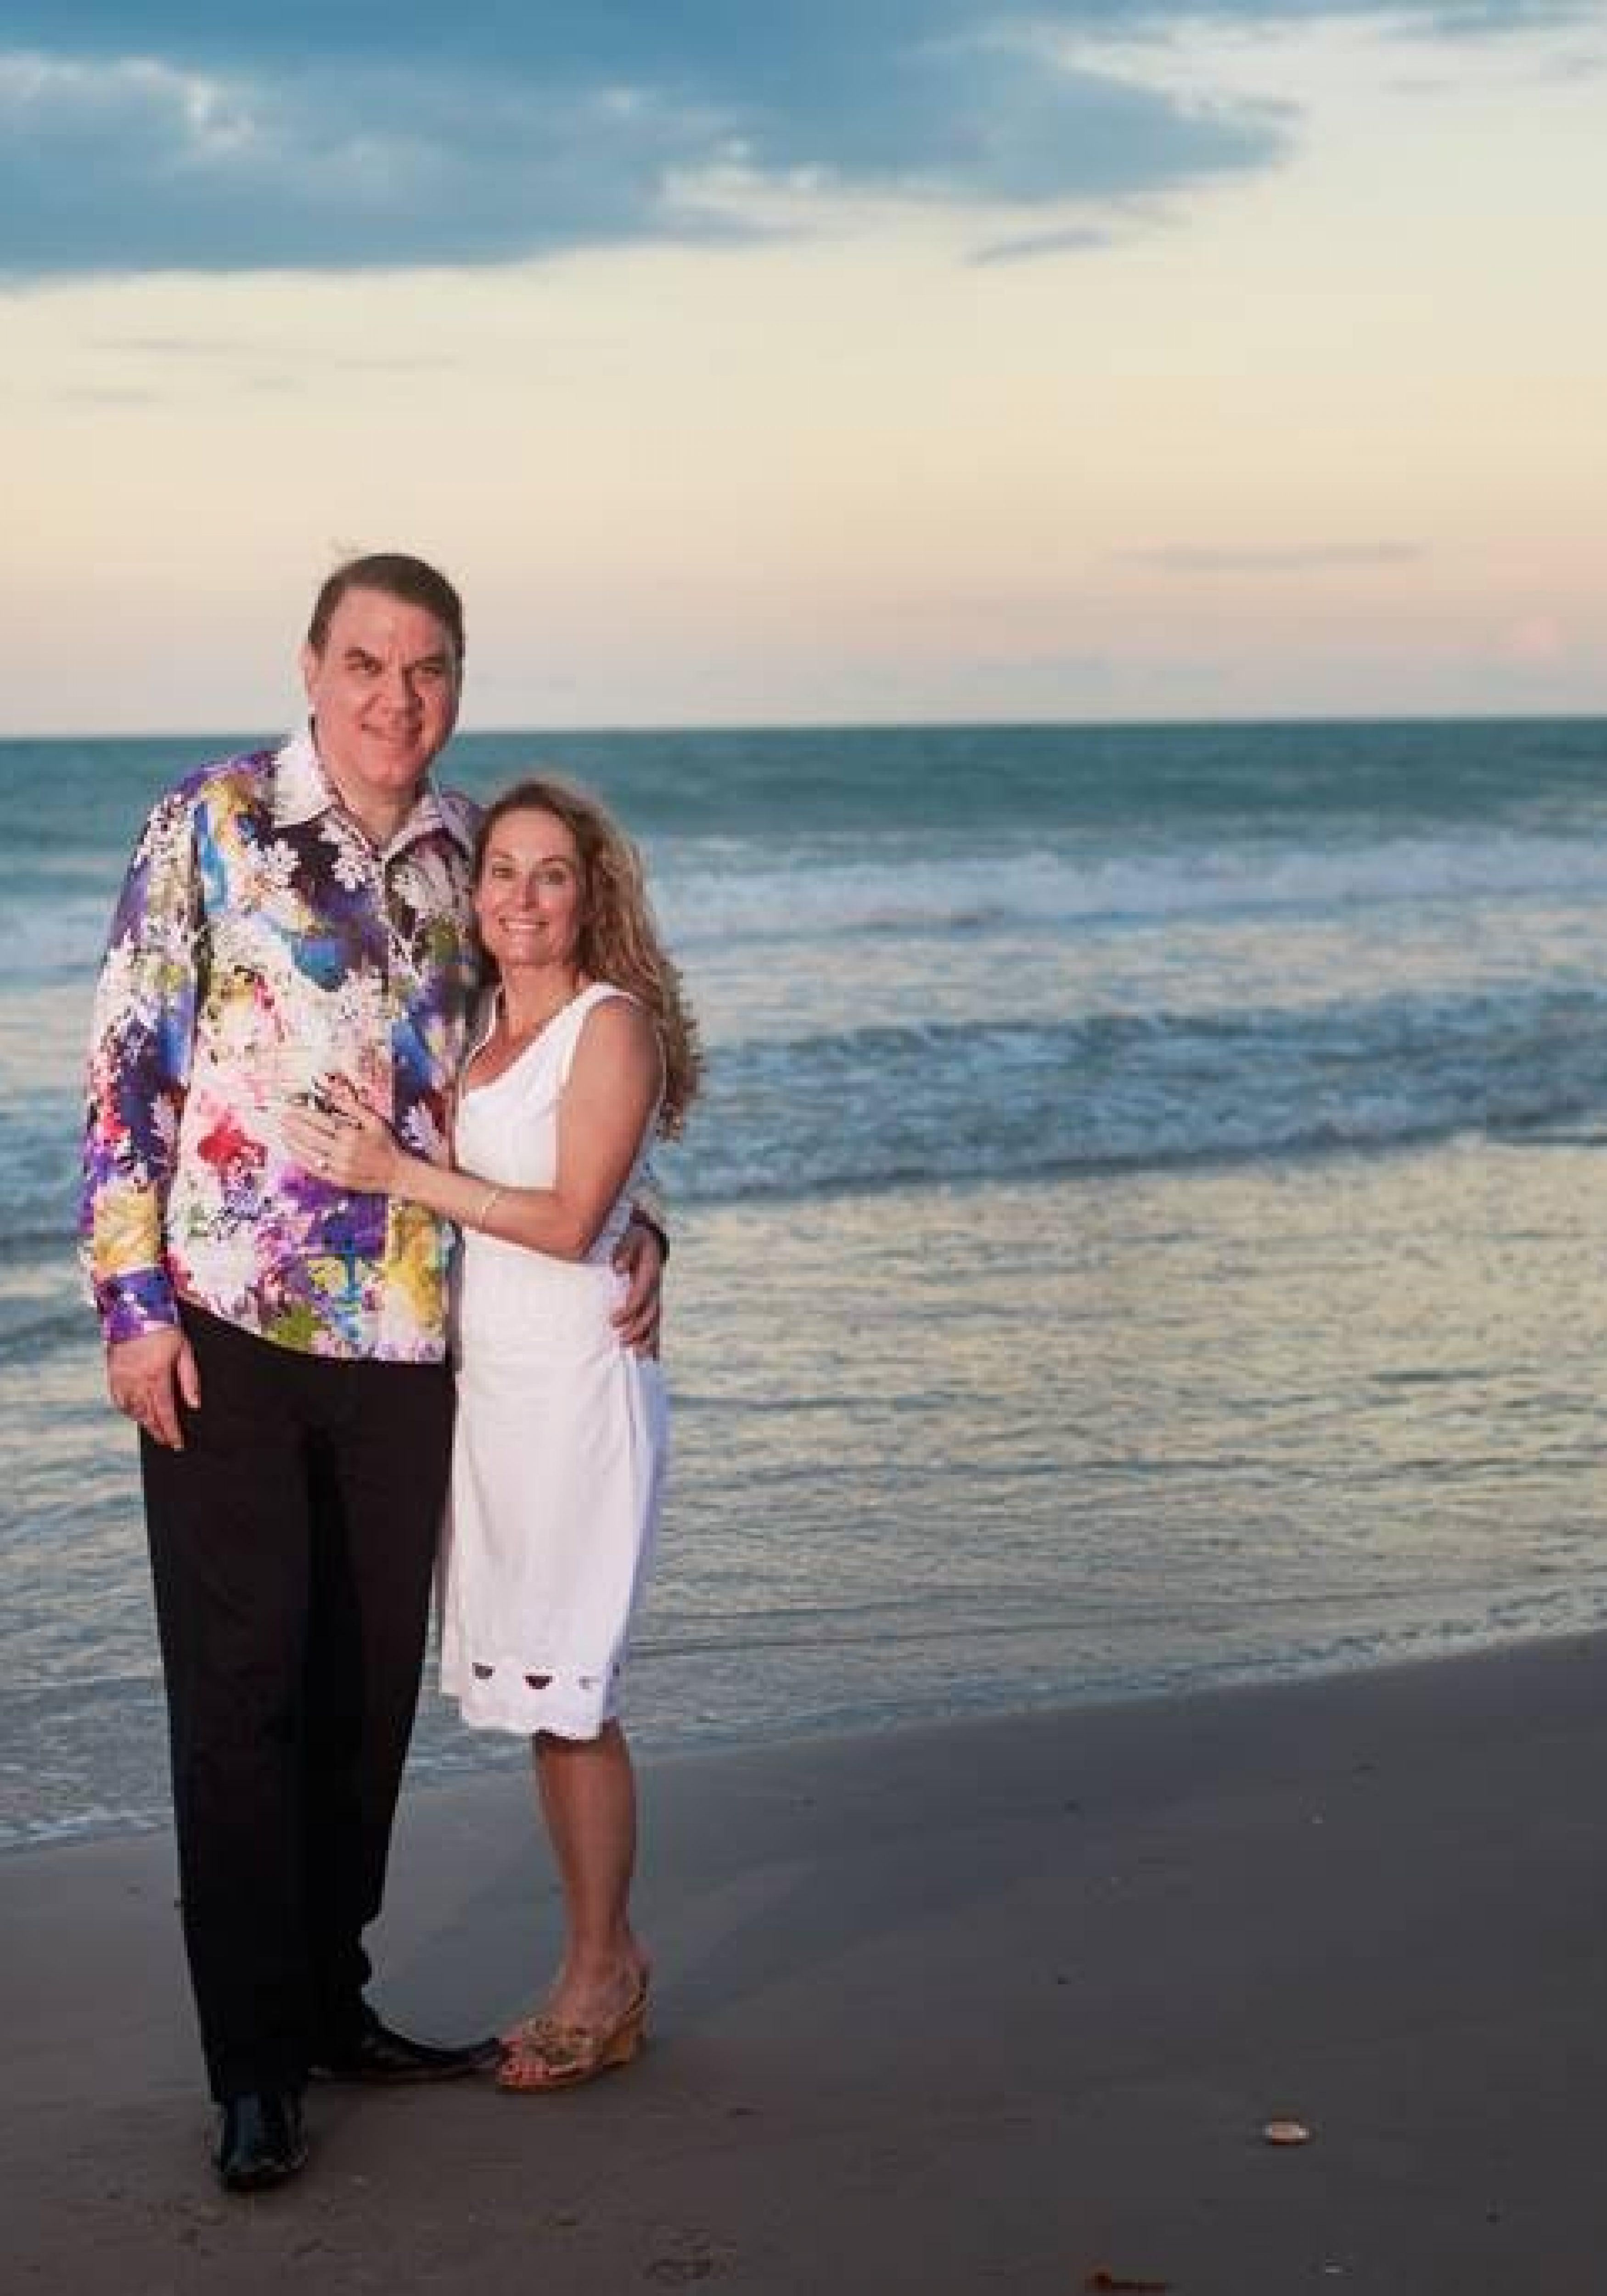 Alan and Dena Grayson